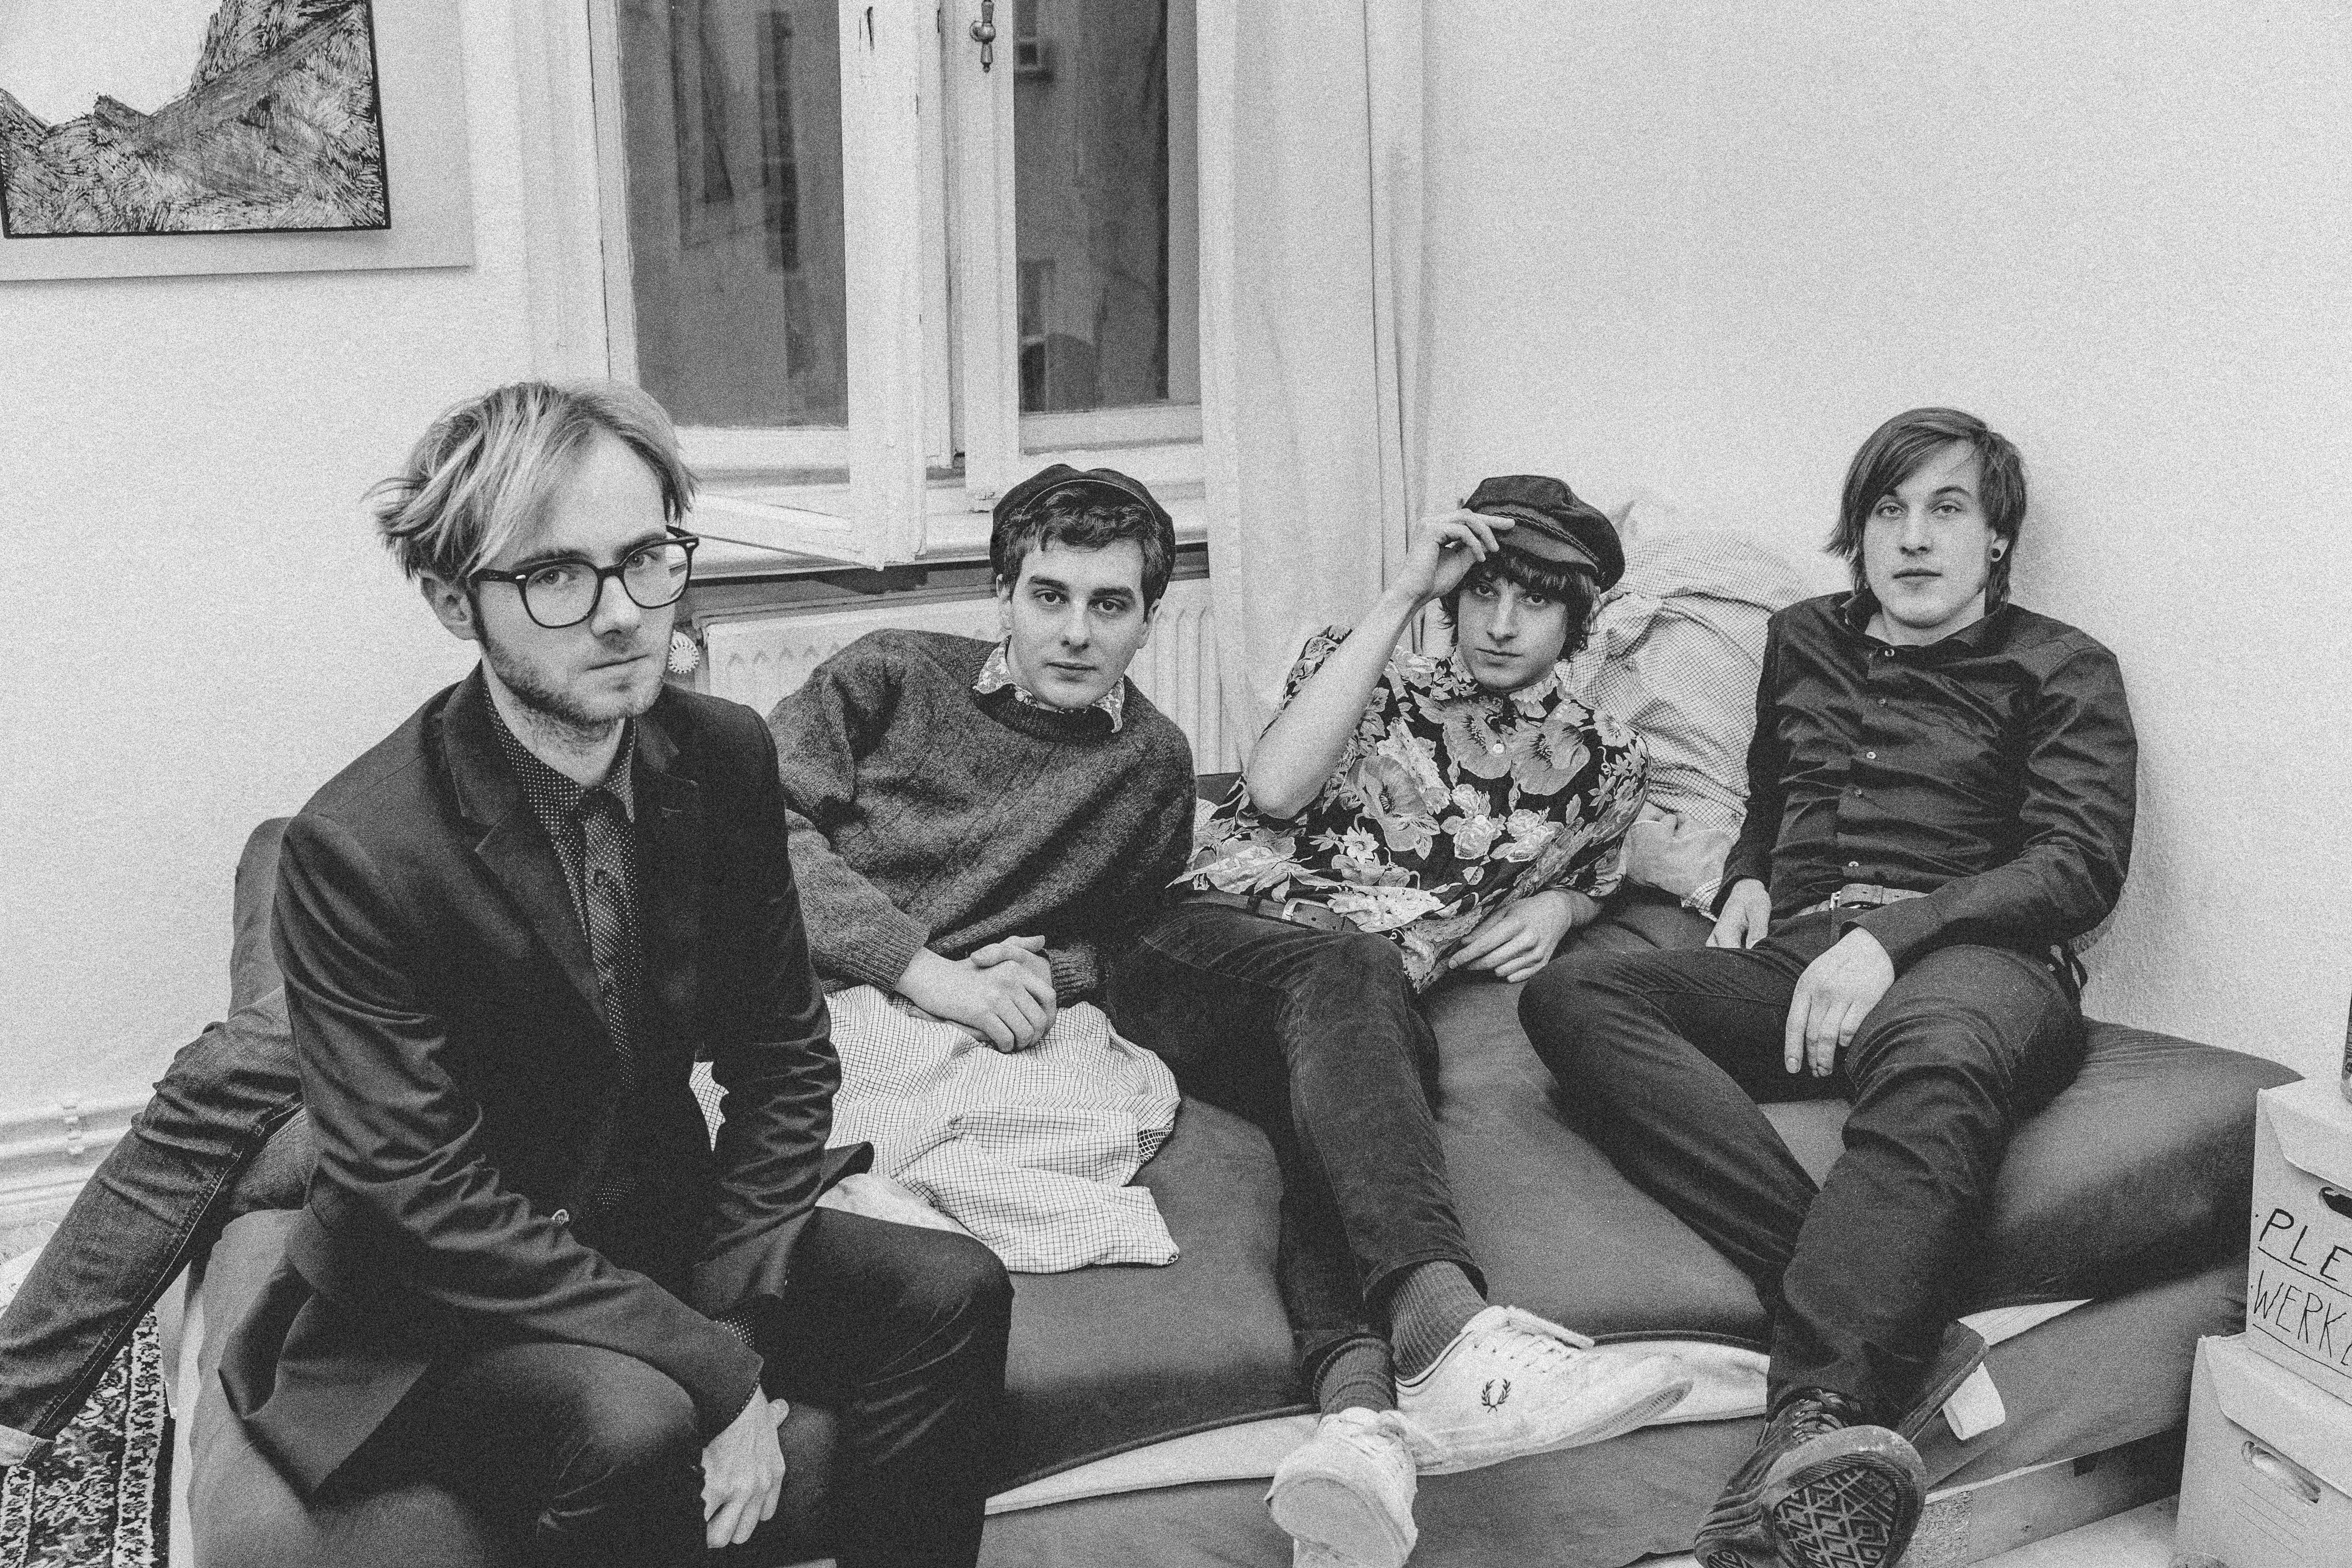 Isolation Berlin mit dem Album der Woche, UND AUS DEN WOLKEN TROPFT DIE ZEIT.